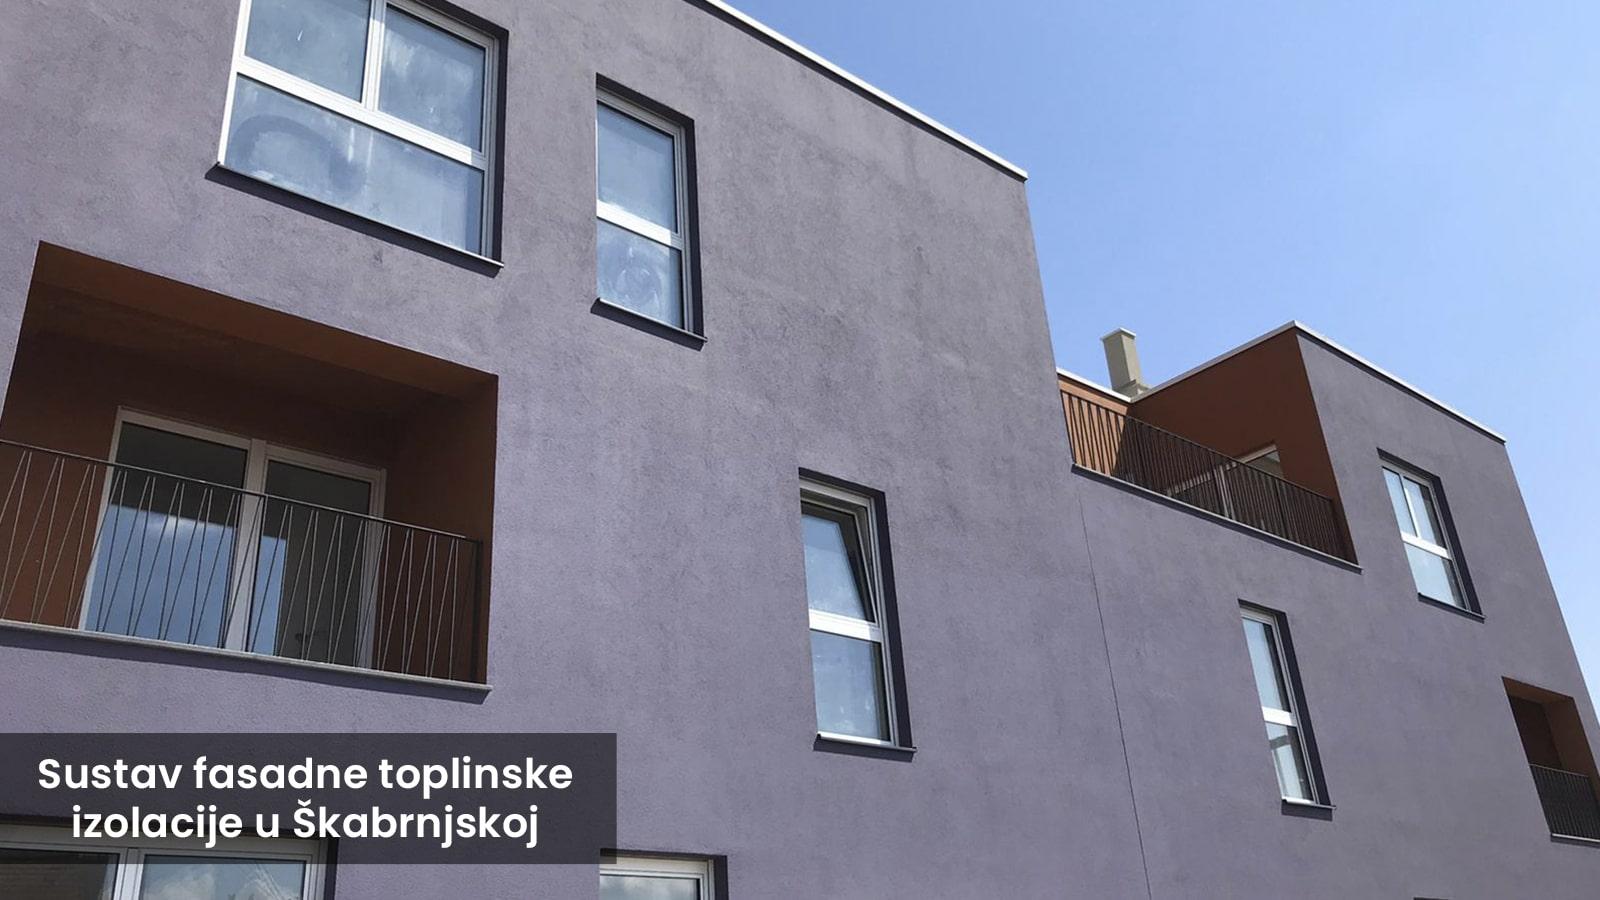 Sustav Fasadne Toplinske Izolacije U Škabrnjskoj